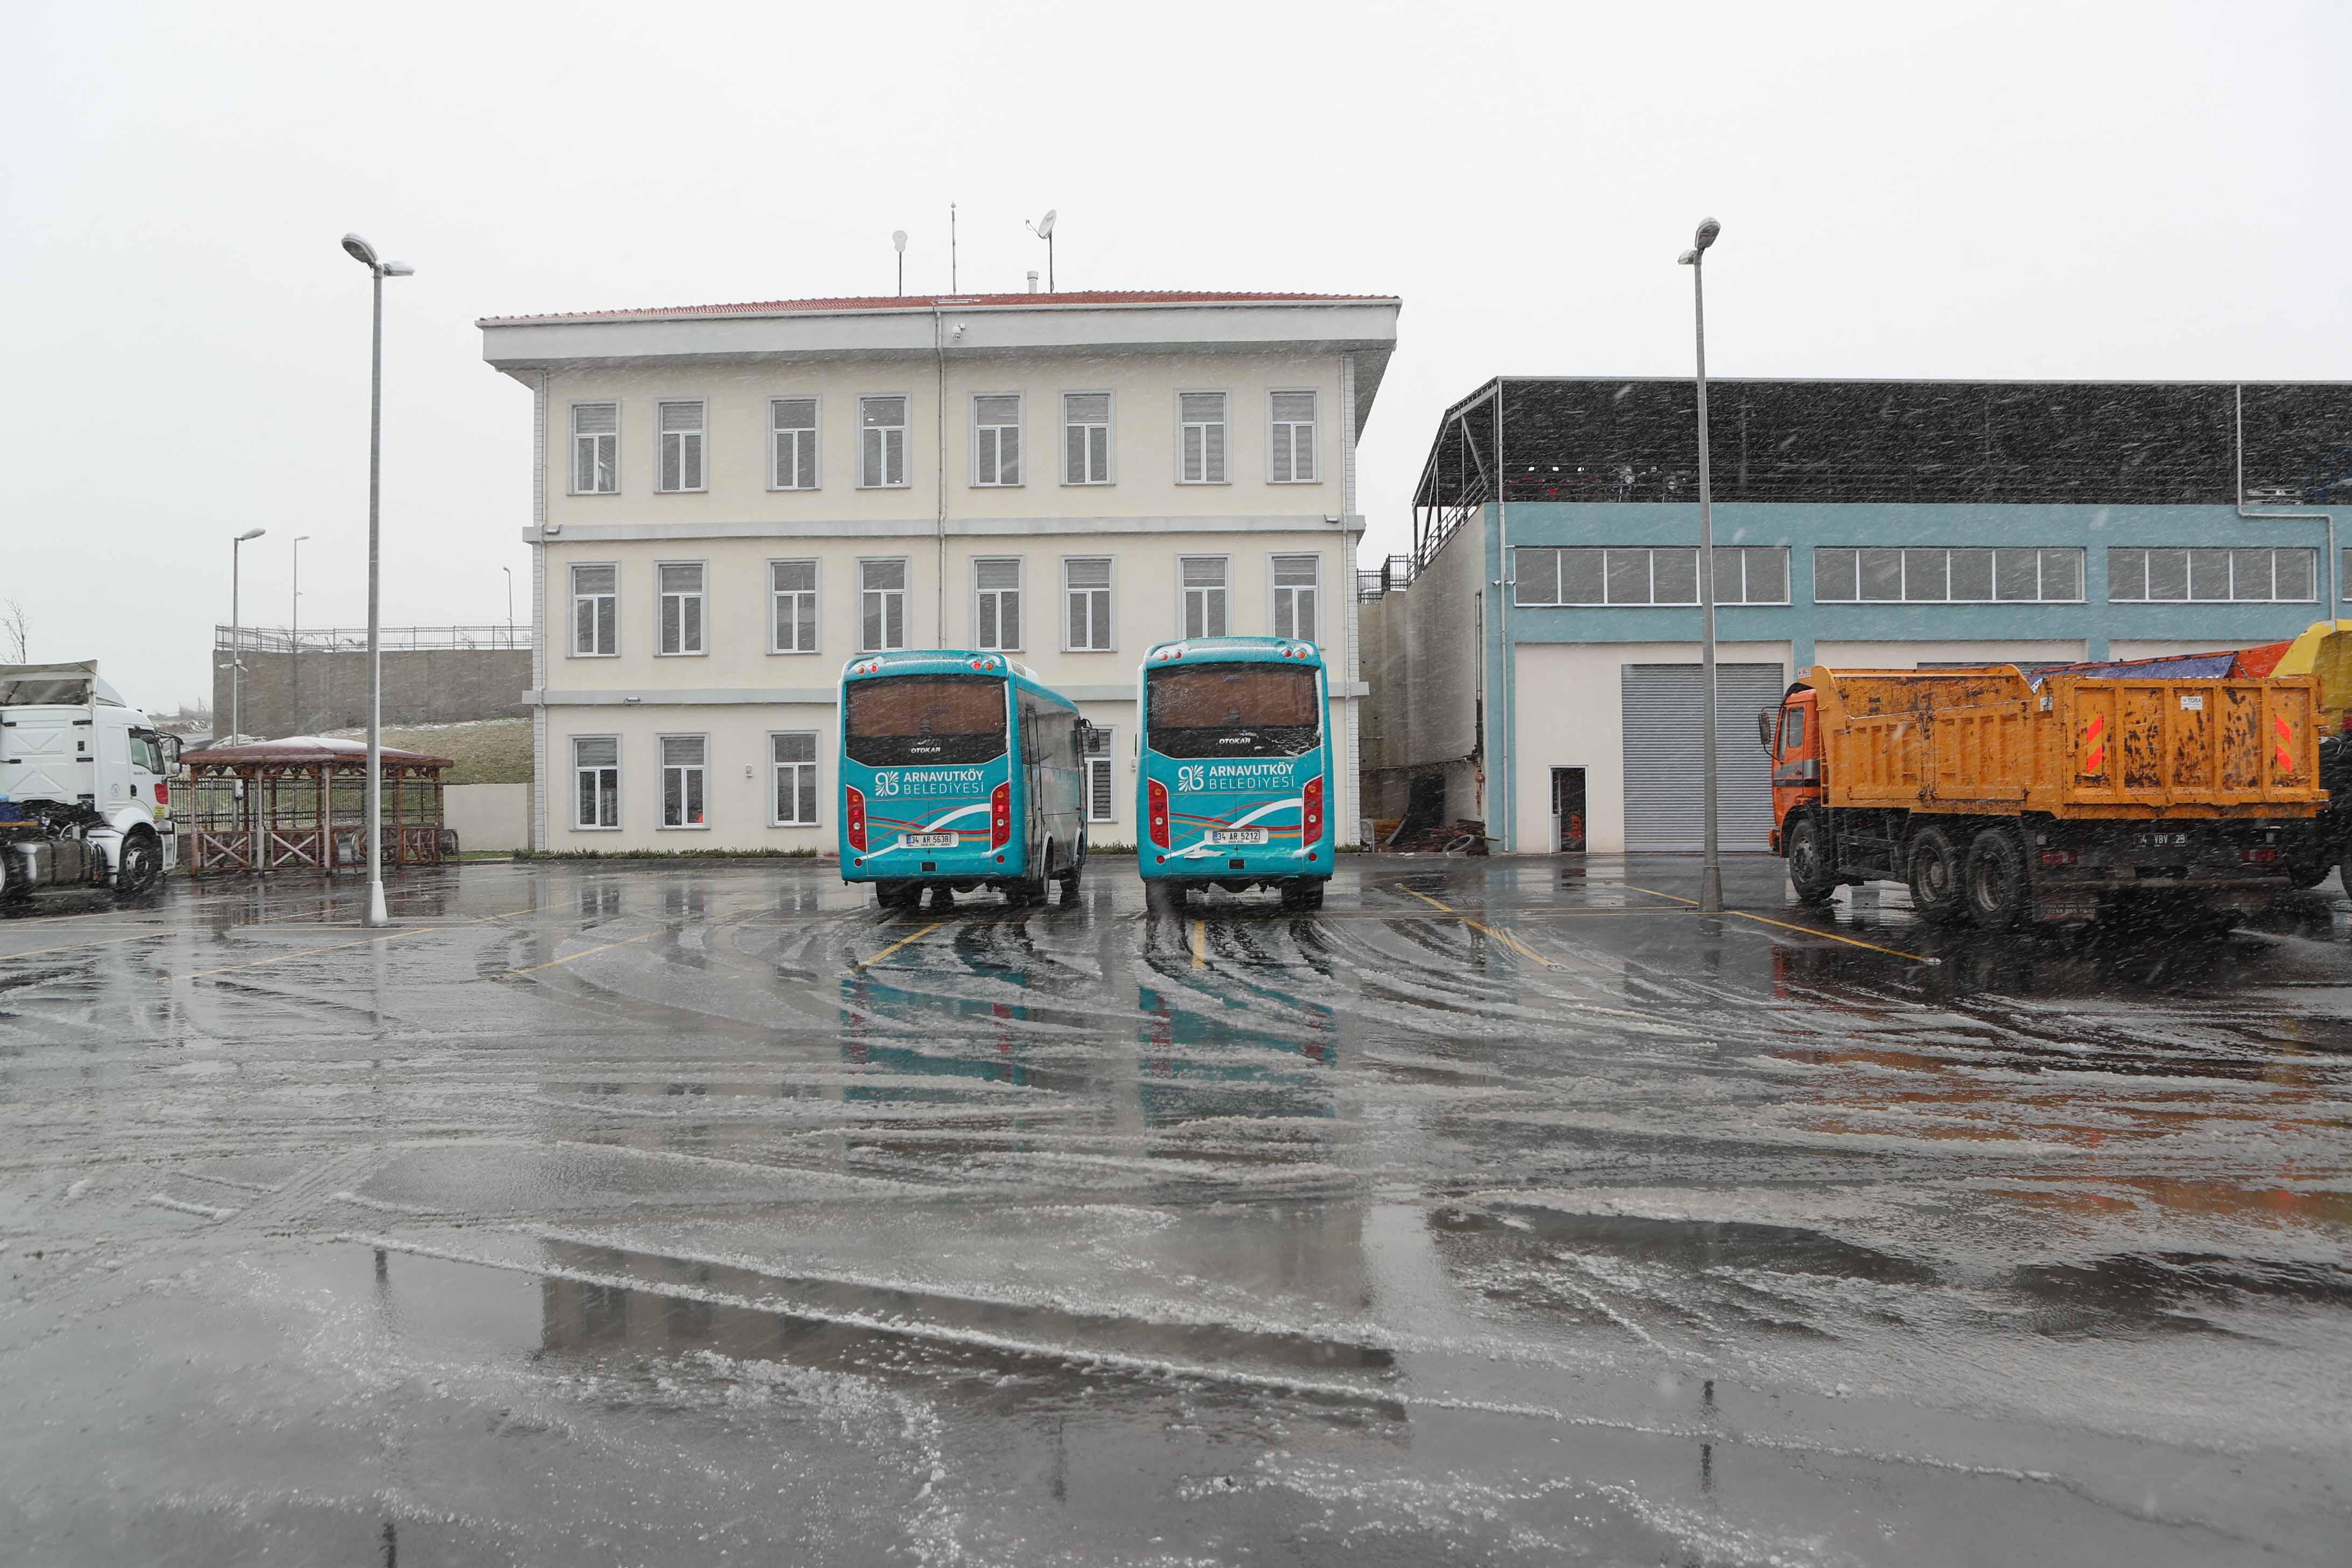 Ulaşım Hizmetleri ve Afet Koordinasyon Ek Hizmet Binası